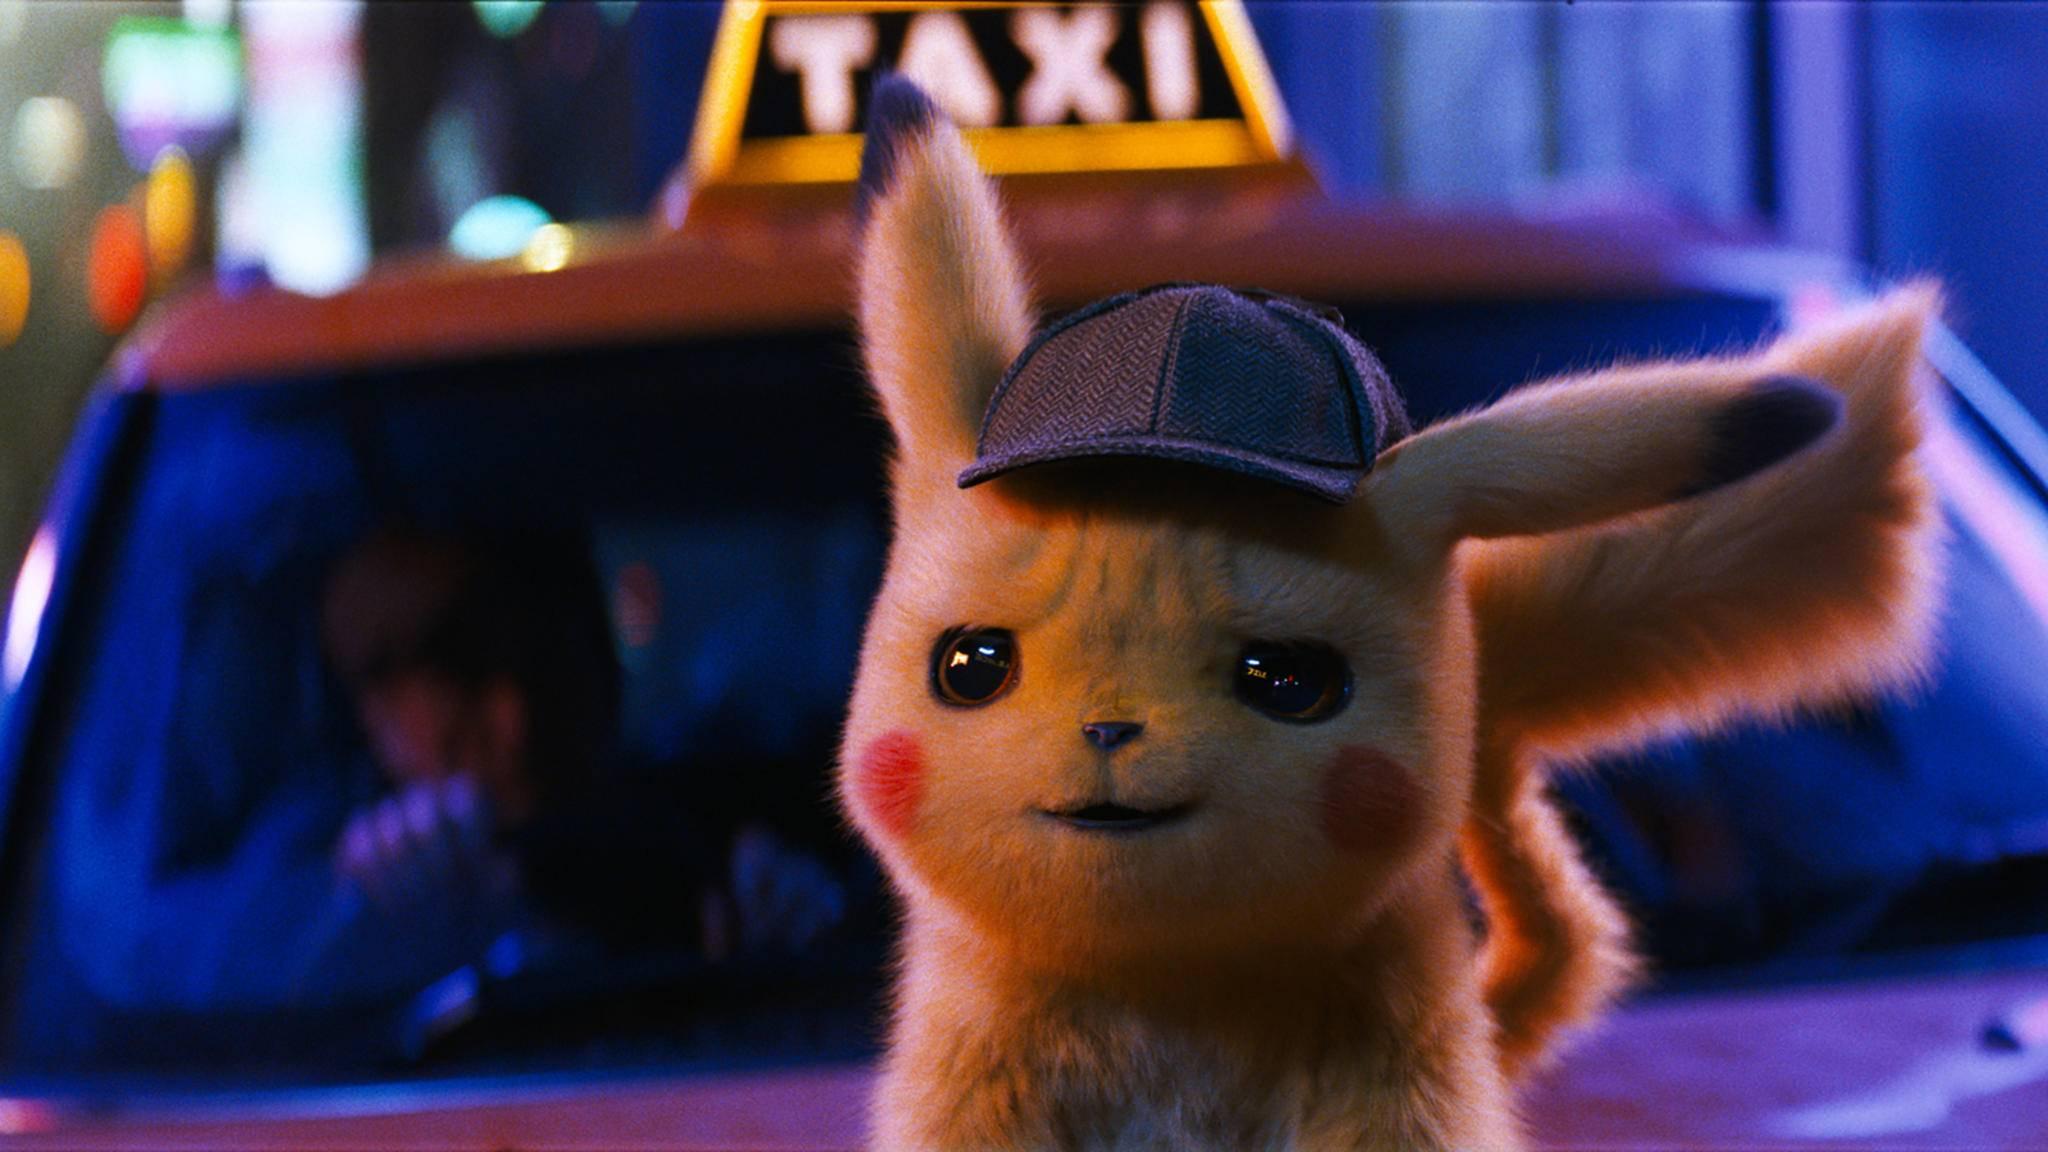 Donnerblitz! Meisterdetektiv Pikachu kapert die Netflix-Neuerscheinungen im Januar 2021.